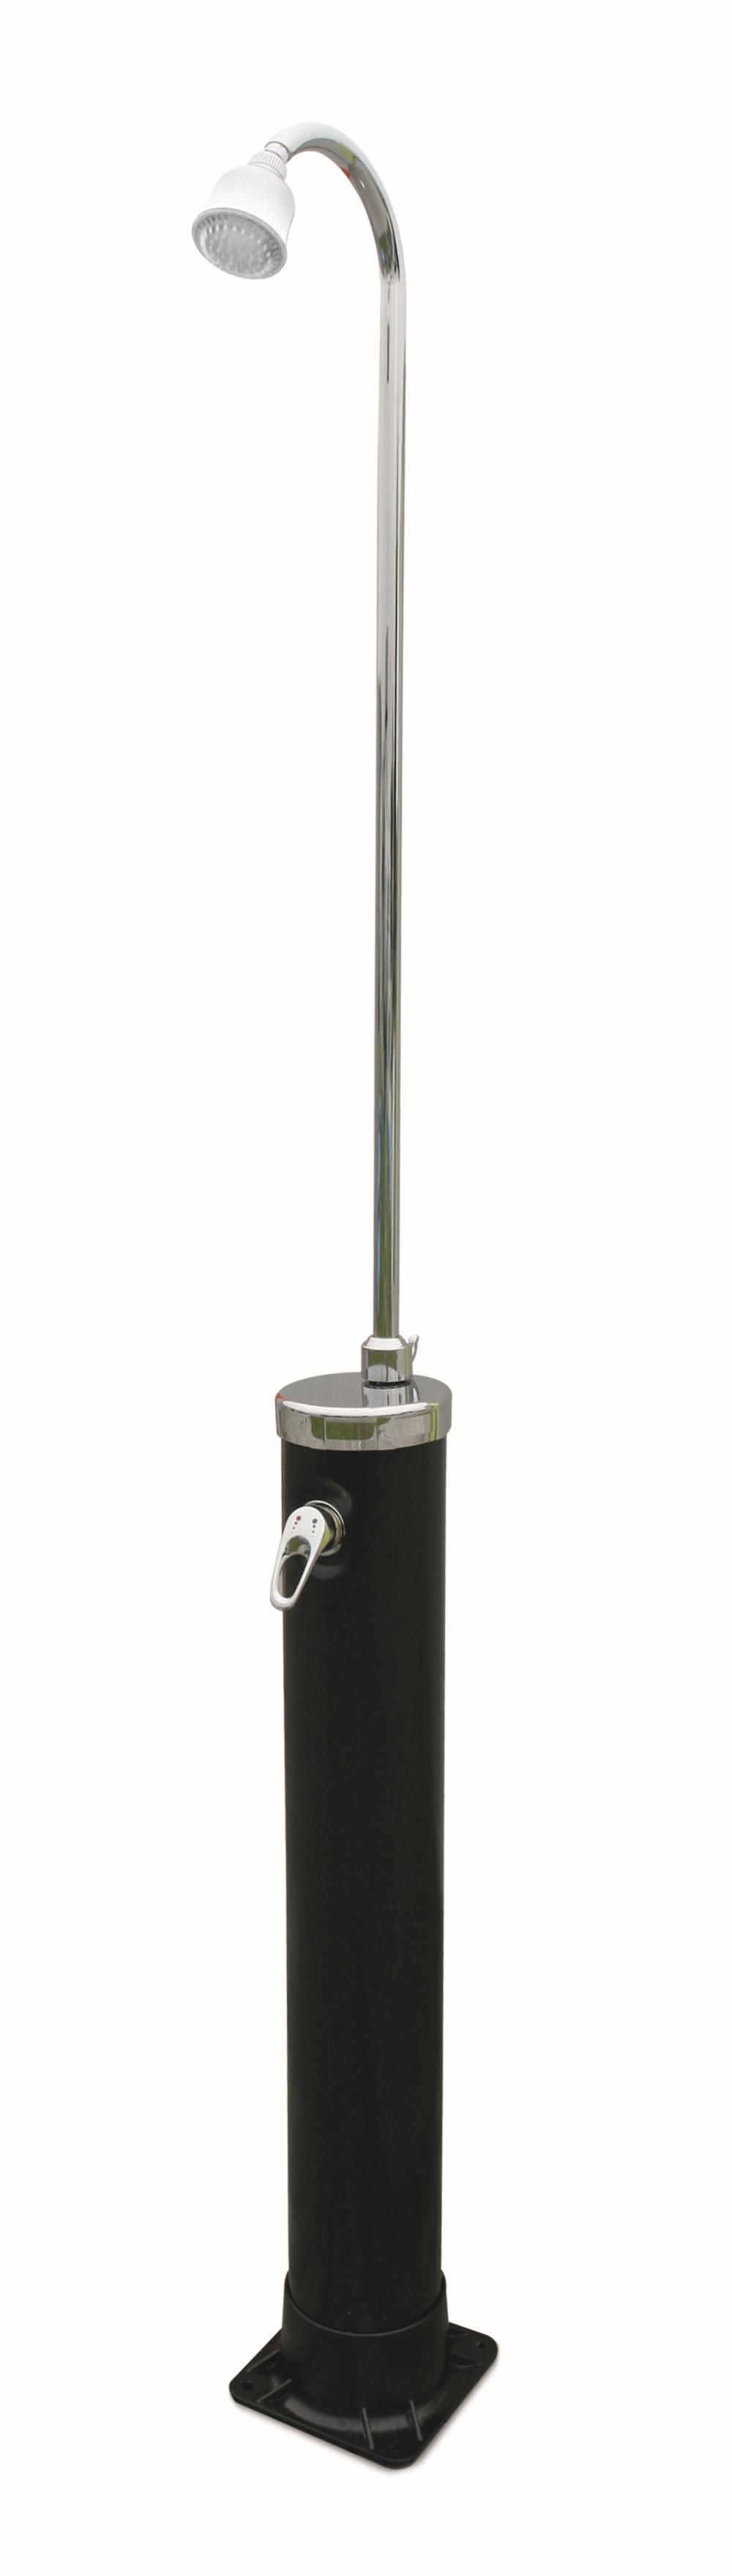 Nein Speedshower Alu-Solardusche mit LED Duschkopf